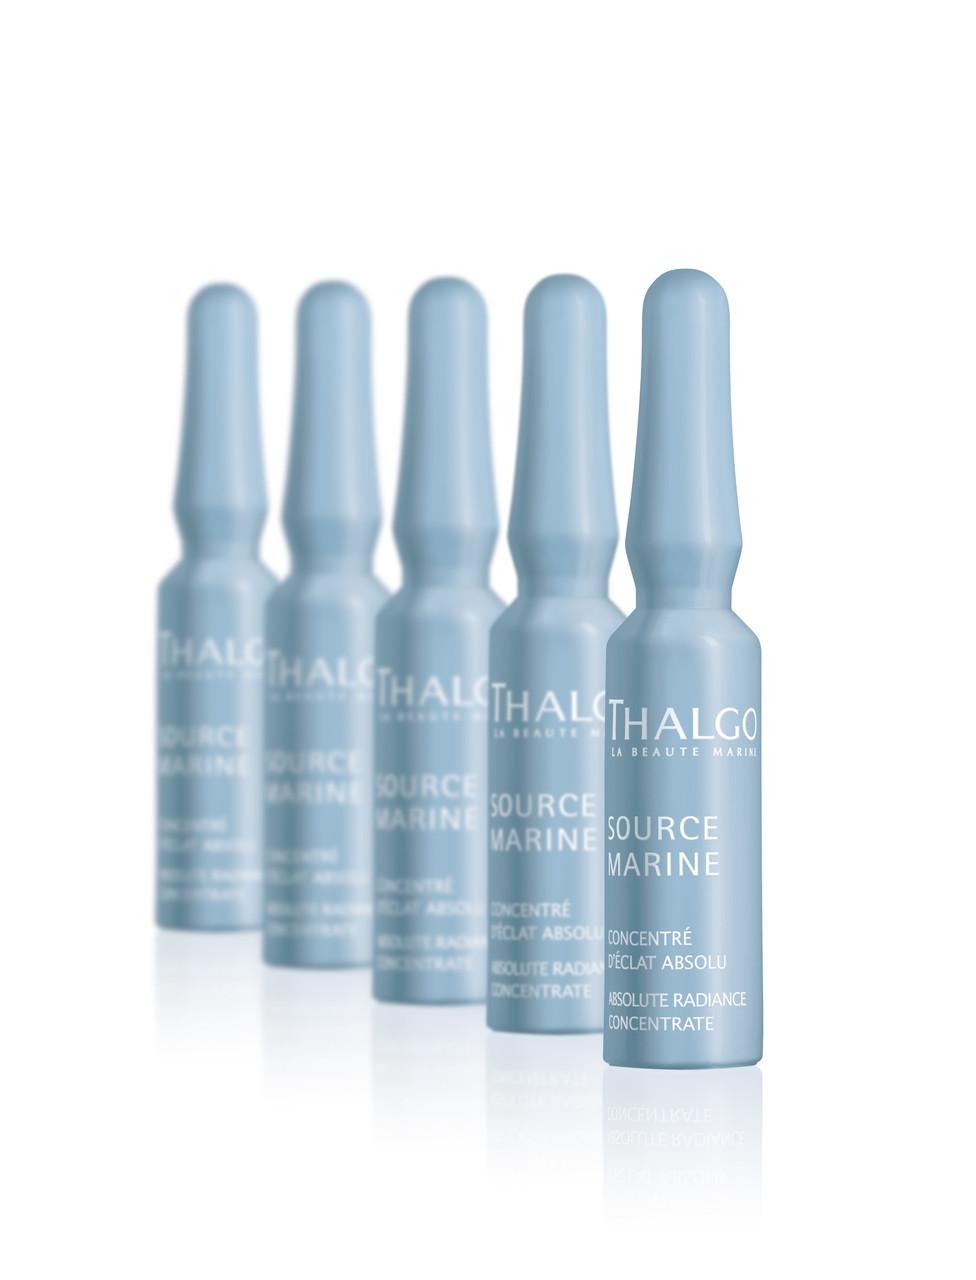 Интенсивный тонизирующий концентрат для сияния кожи с эффектом пилинга Thalgo Absolute radiance concentrate